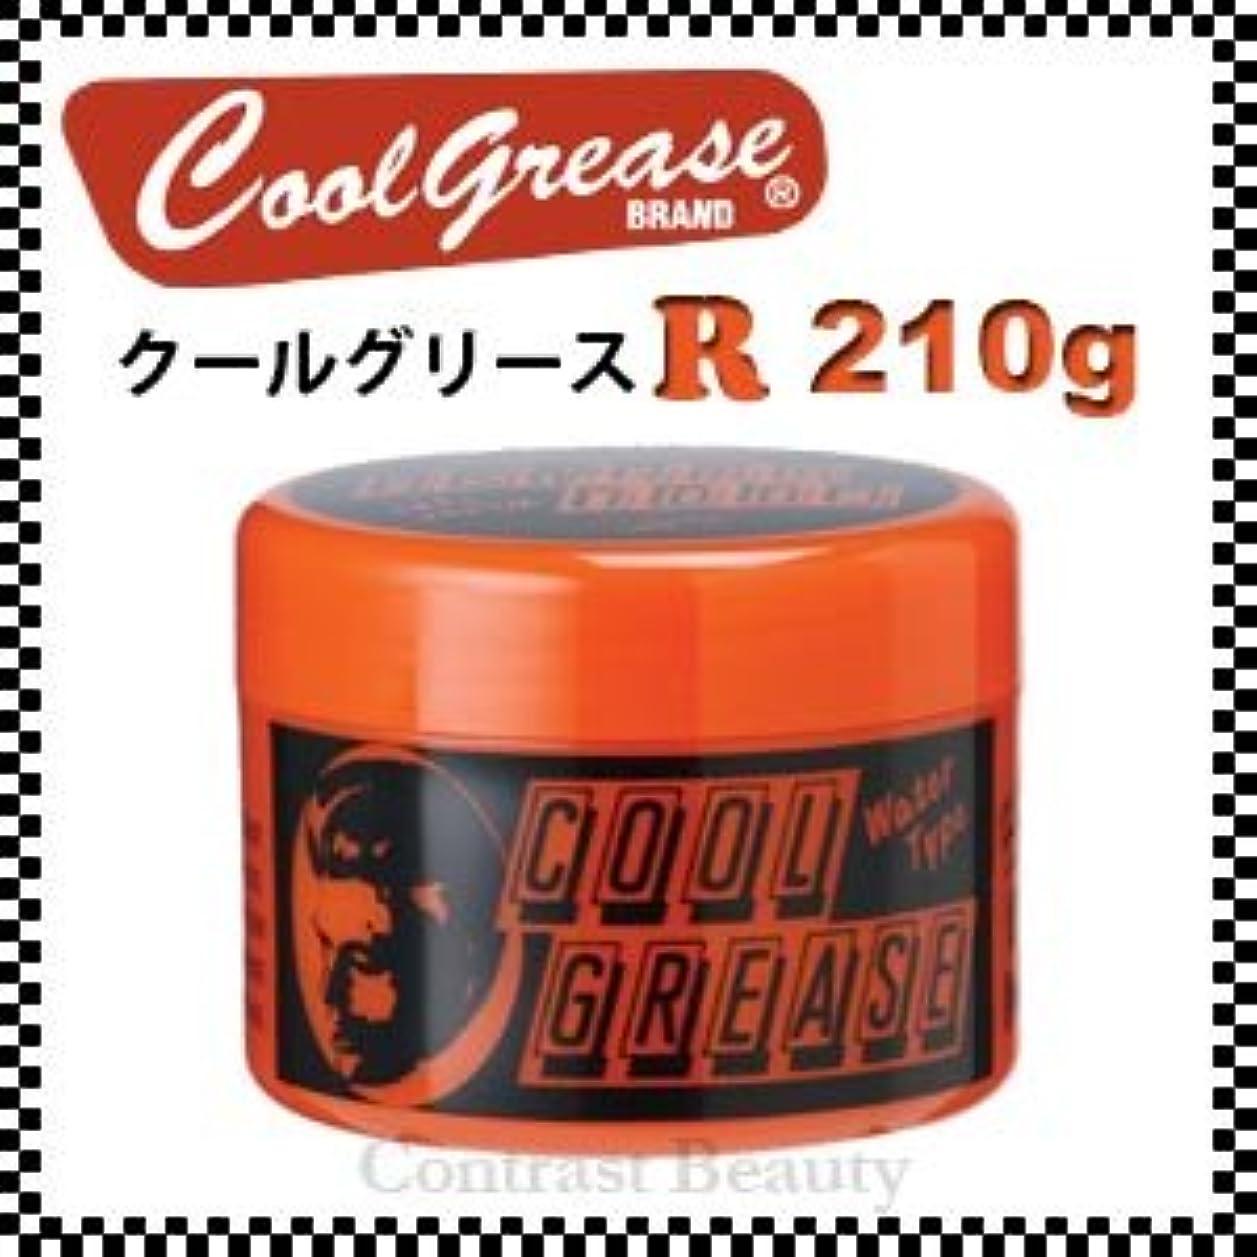 男幻滅喉頭【X3個セット】 阪本高生堂 クールグリース R 210g